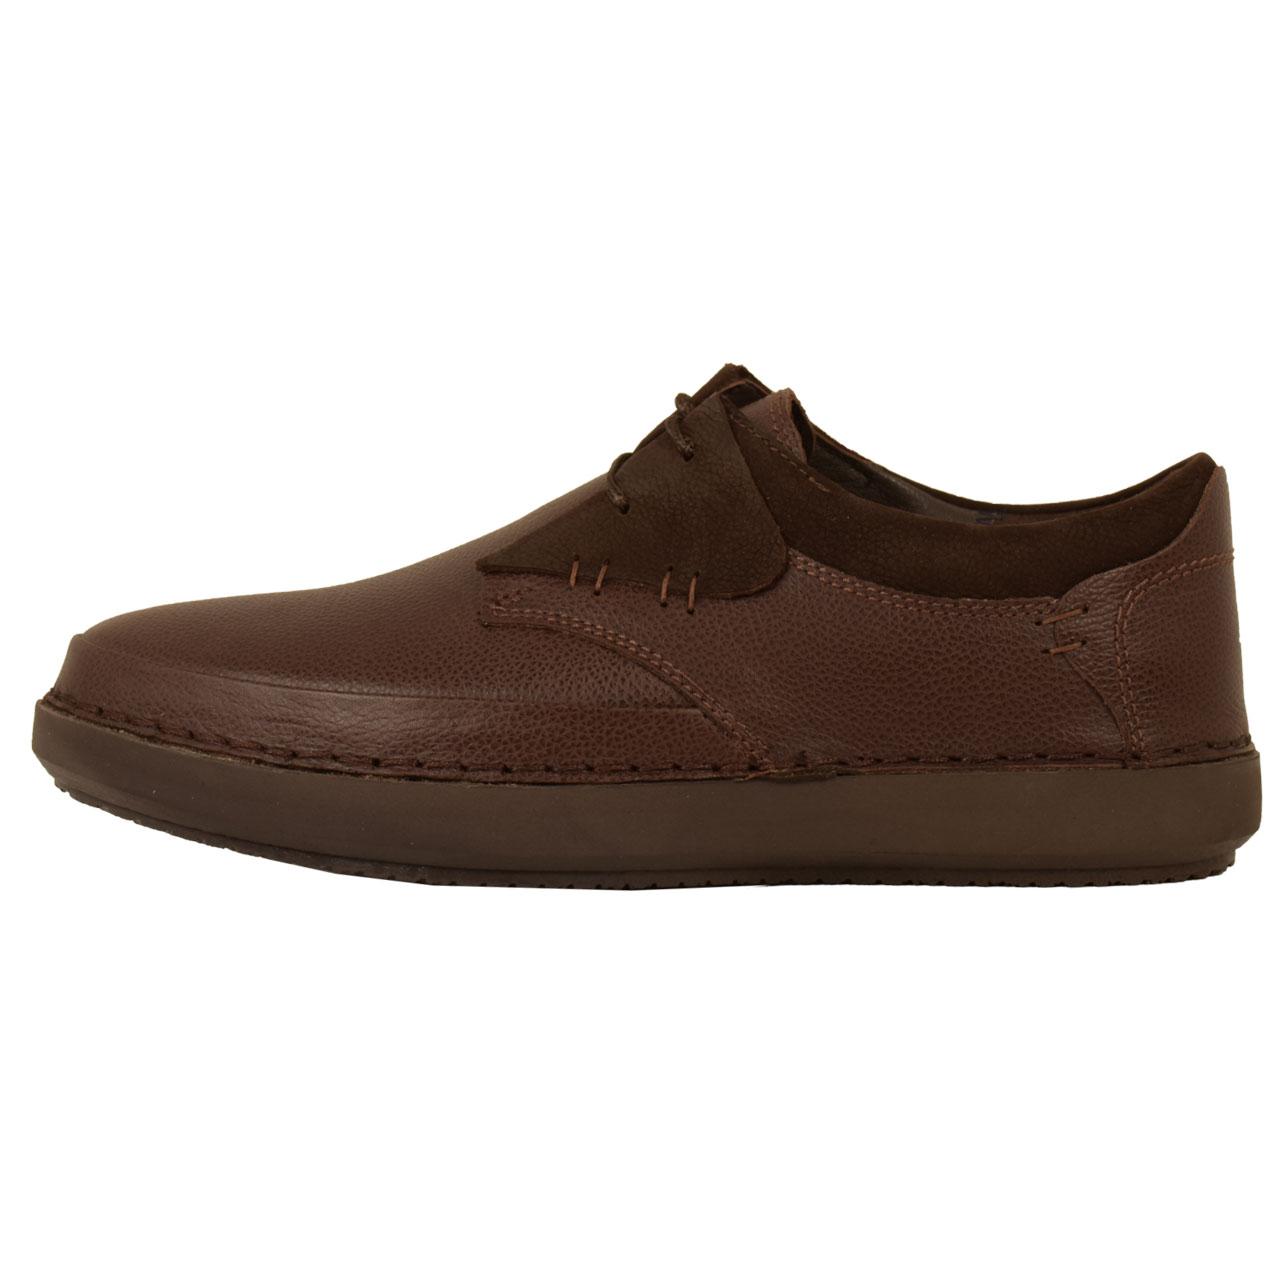 کفش  روزمره مردانه پارینه چرم مدل SHO163-7